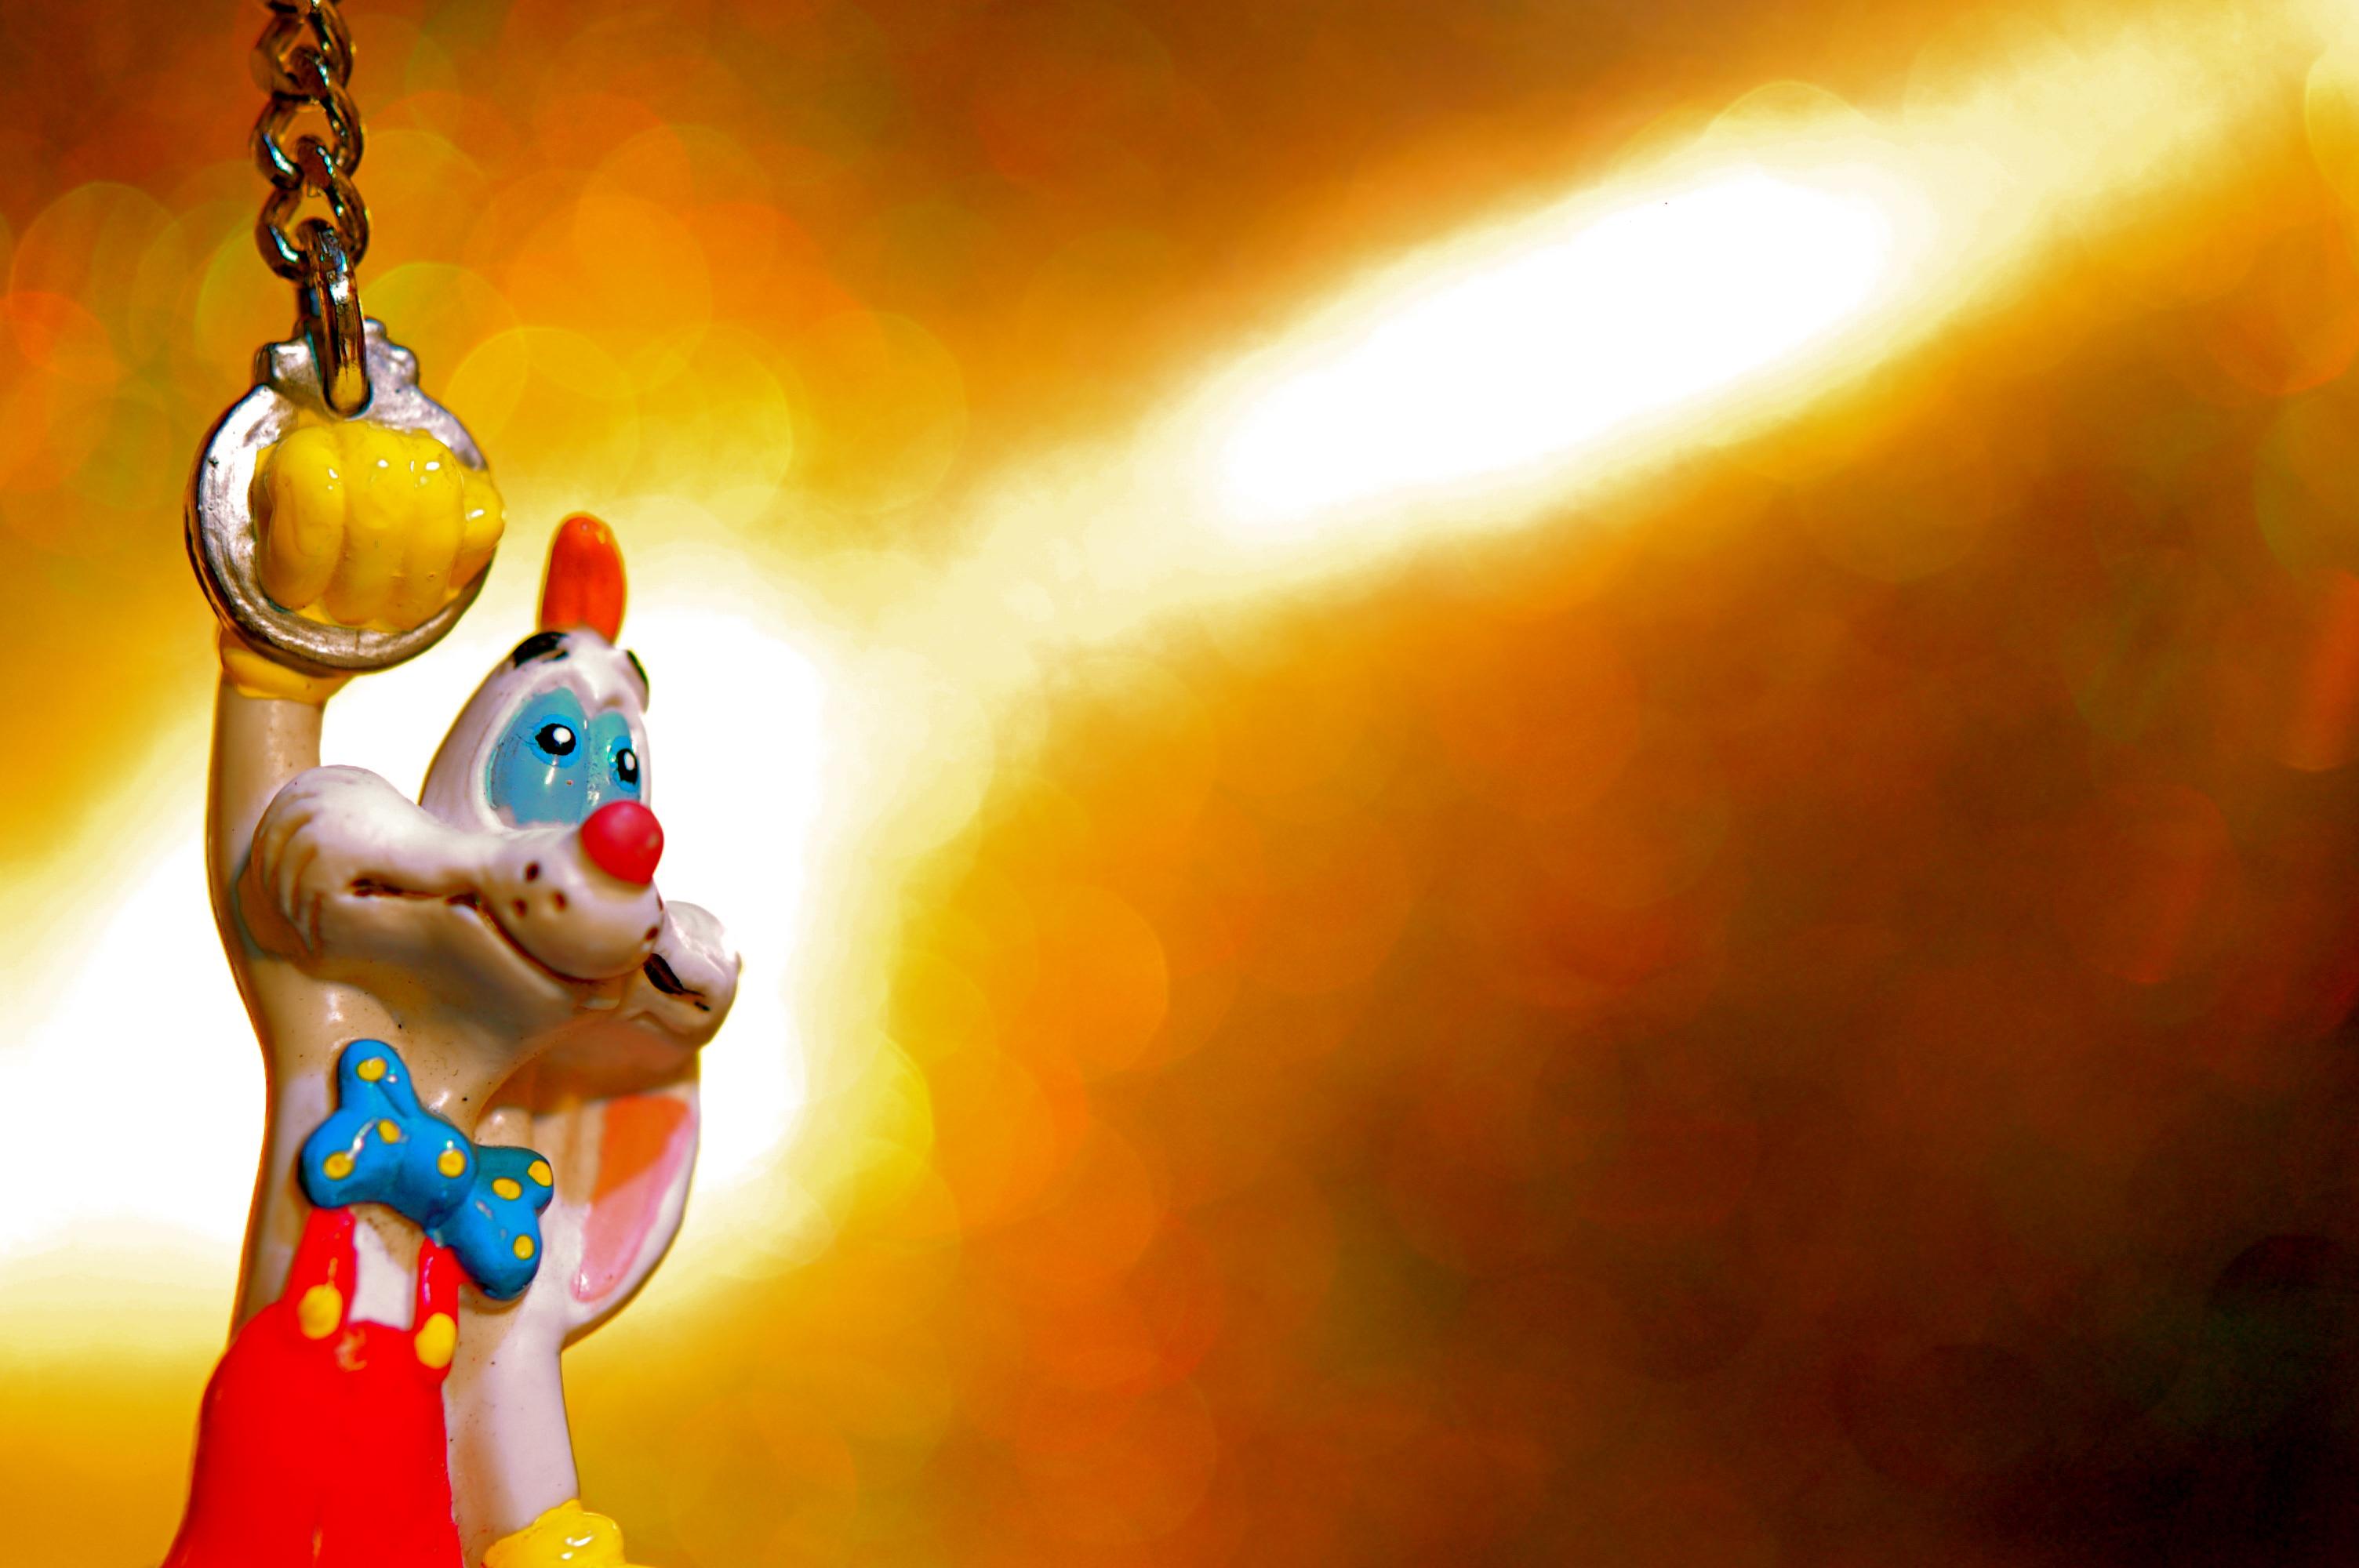 Hintergrundbilder : Favorit, Gelb, Spaß, Spielzeug, Foto ...